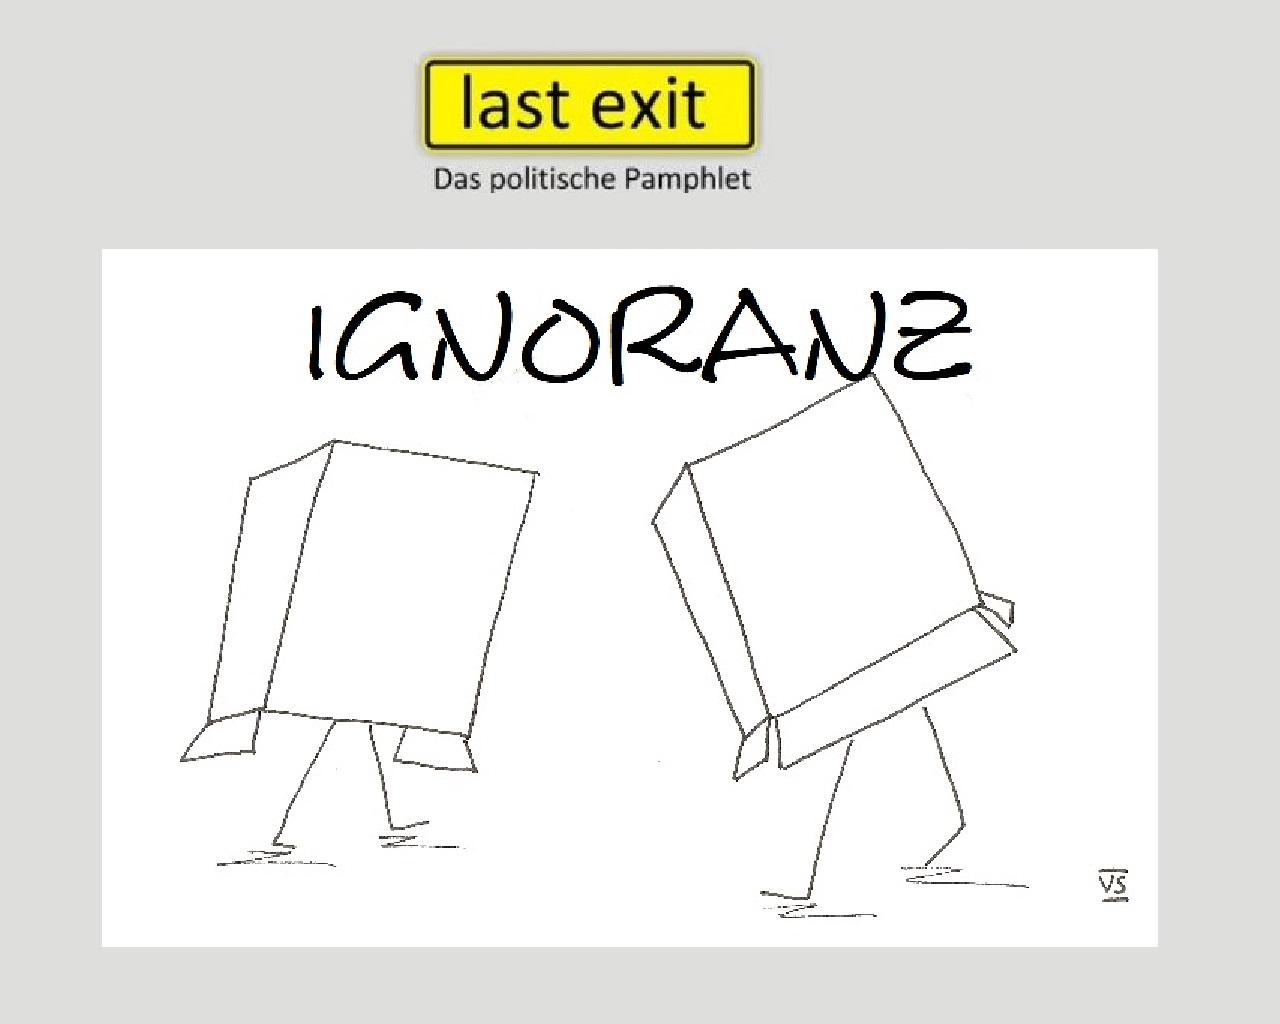 Ignoranz